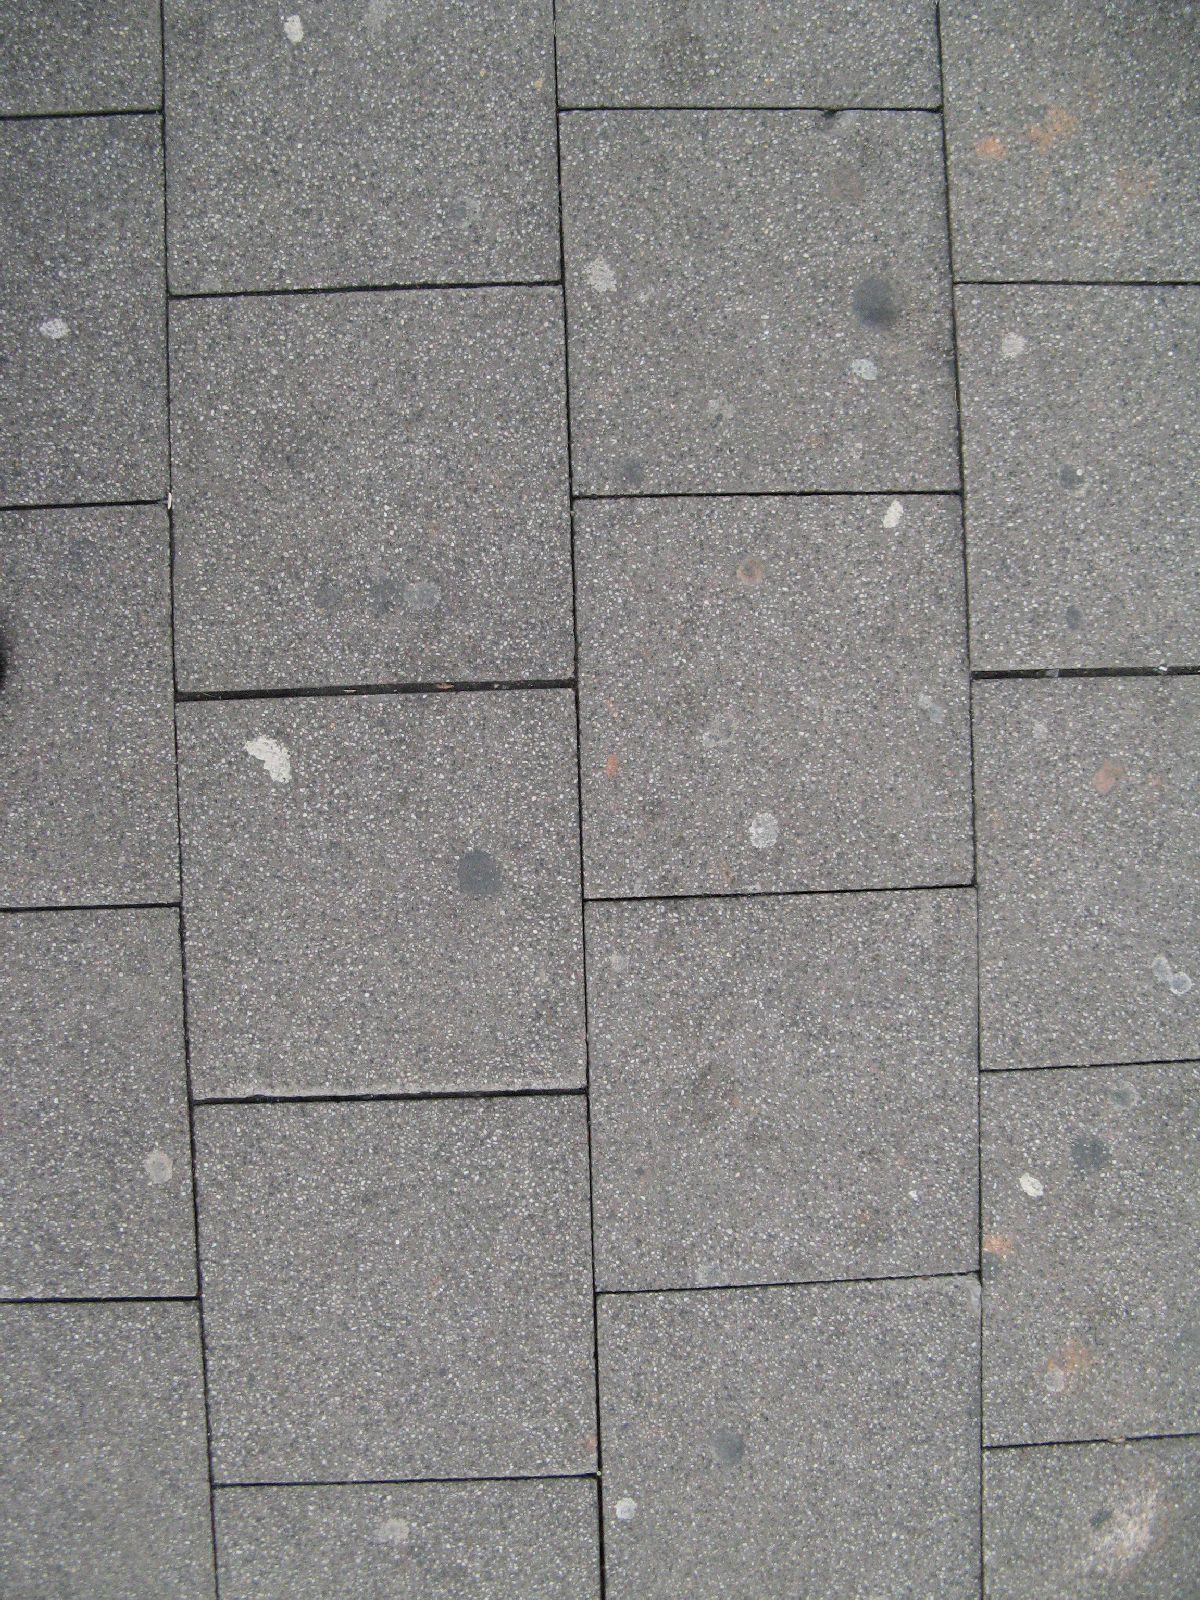 Ground-Urban_Texture_B_02184